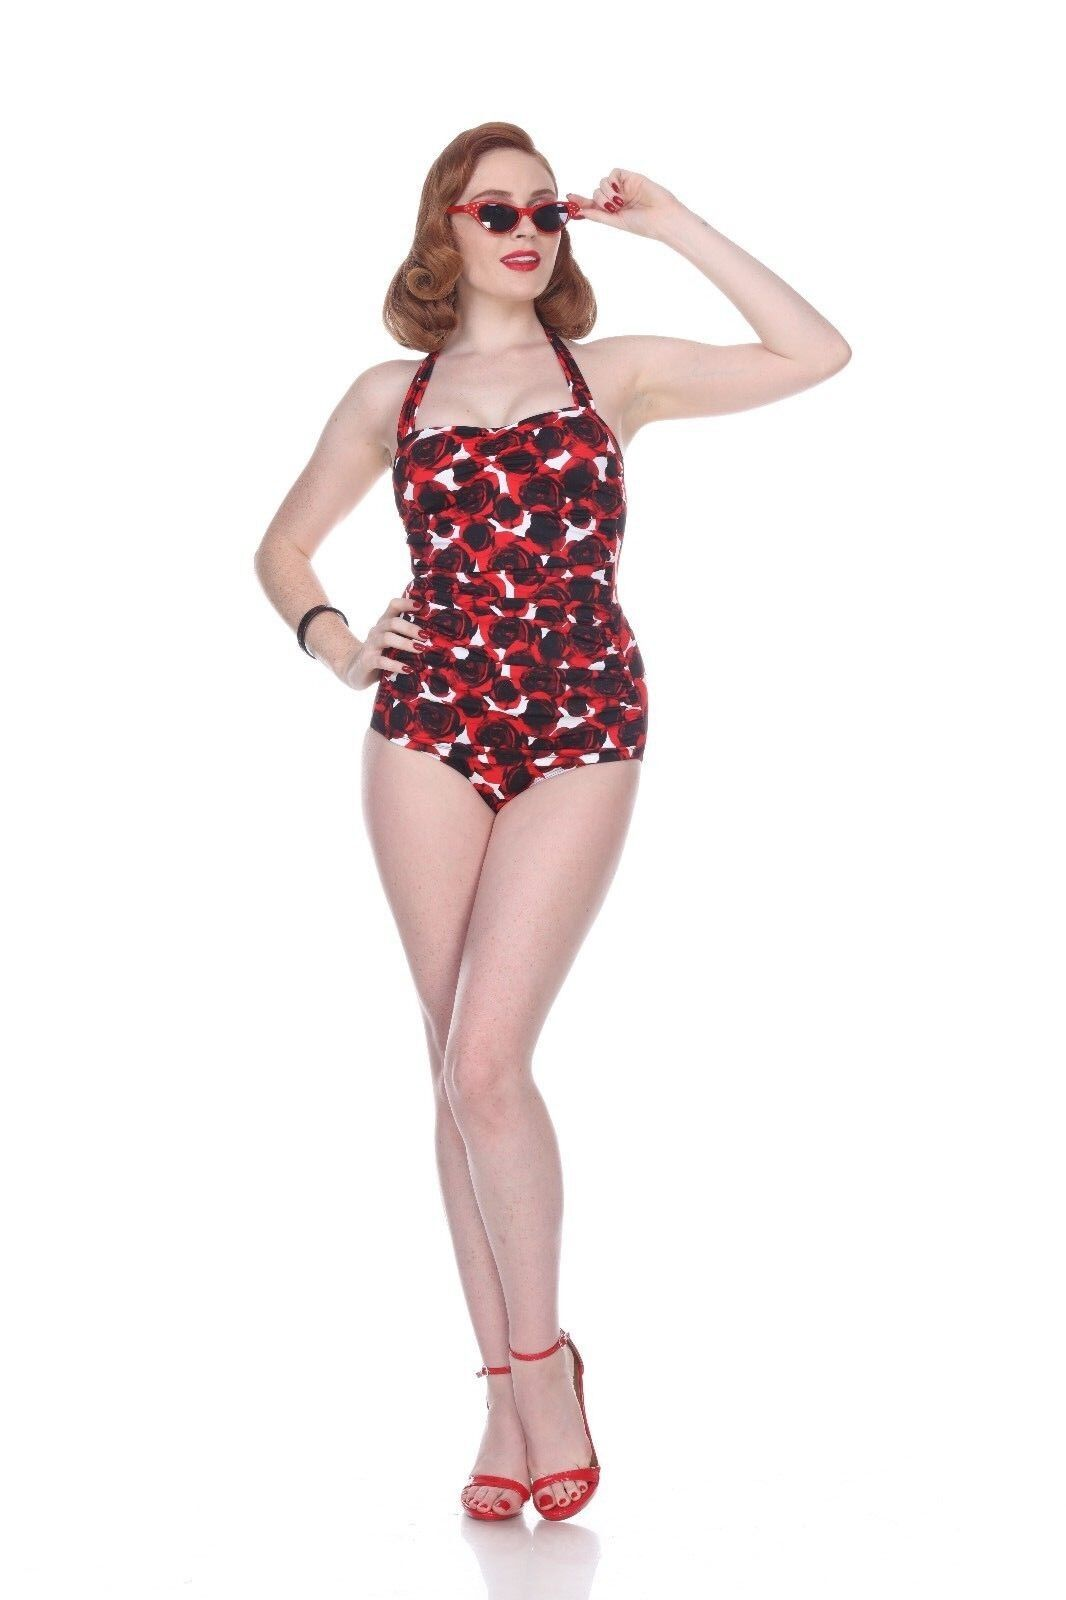 Esther Williams Classico Guaina Burning Love rosa Pinup Costume Intero E11174